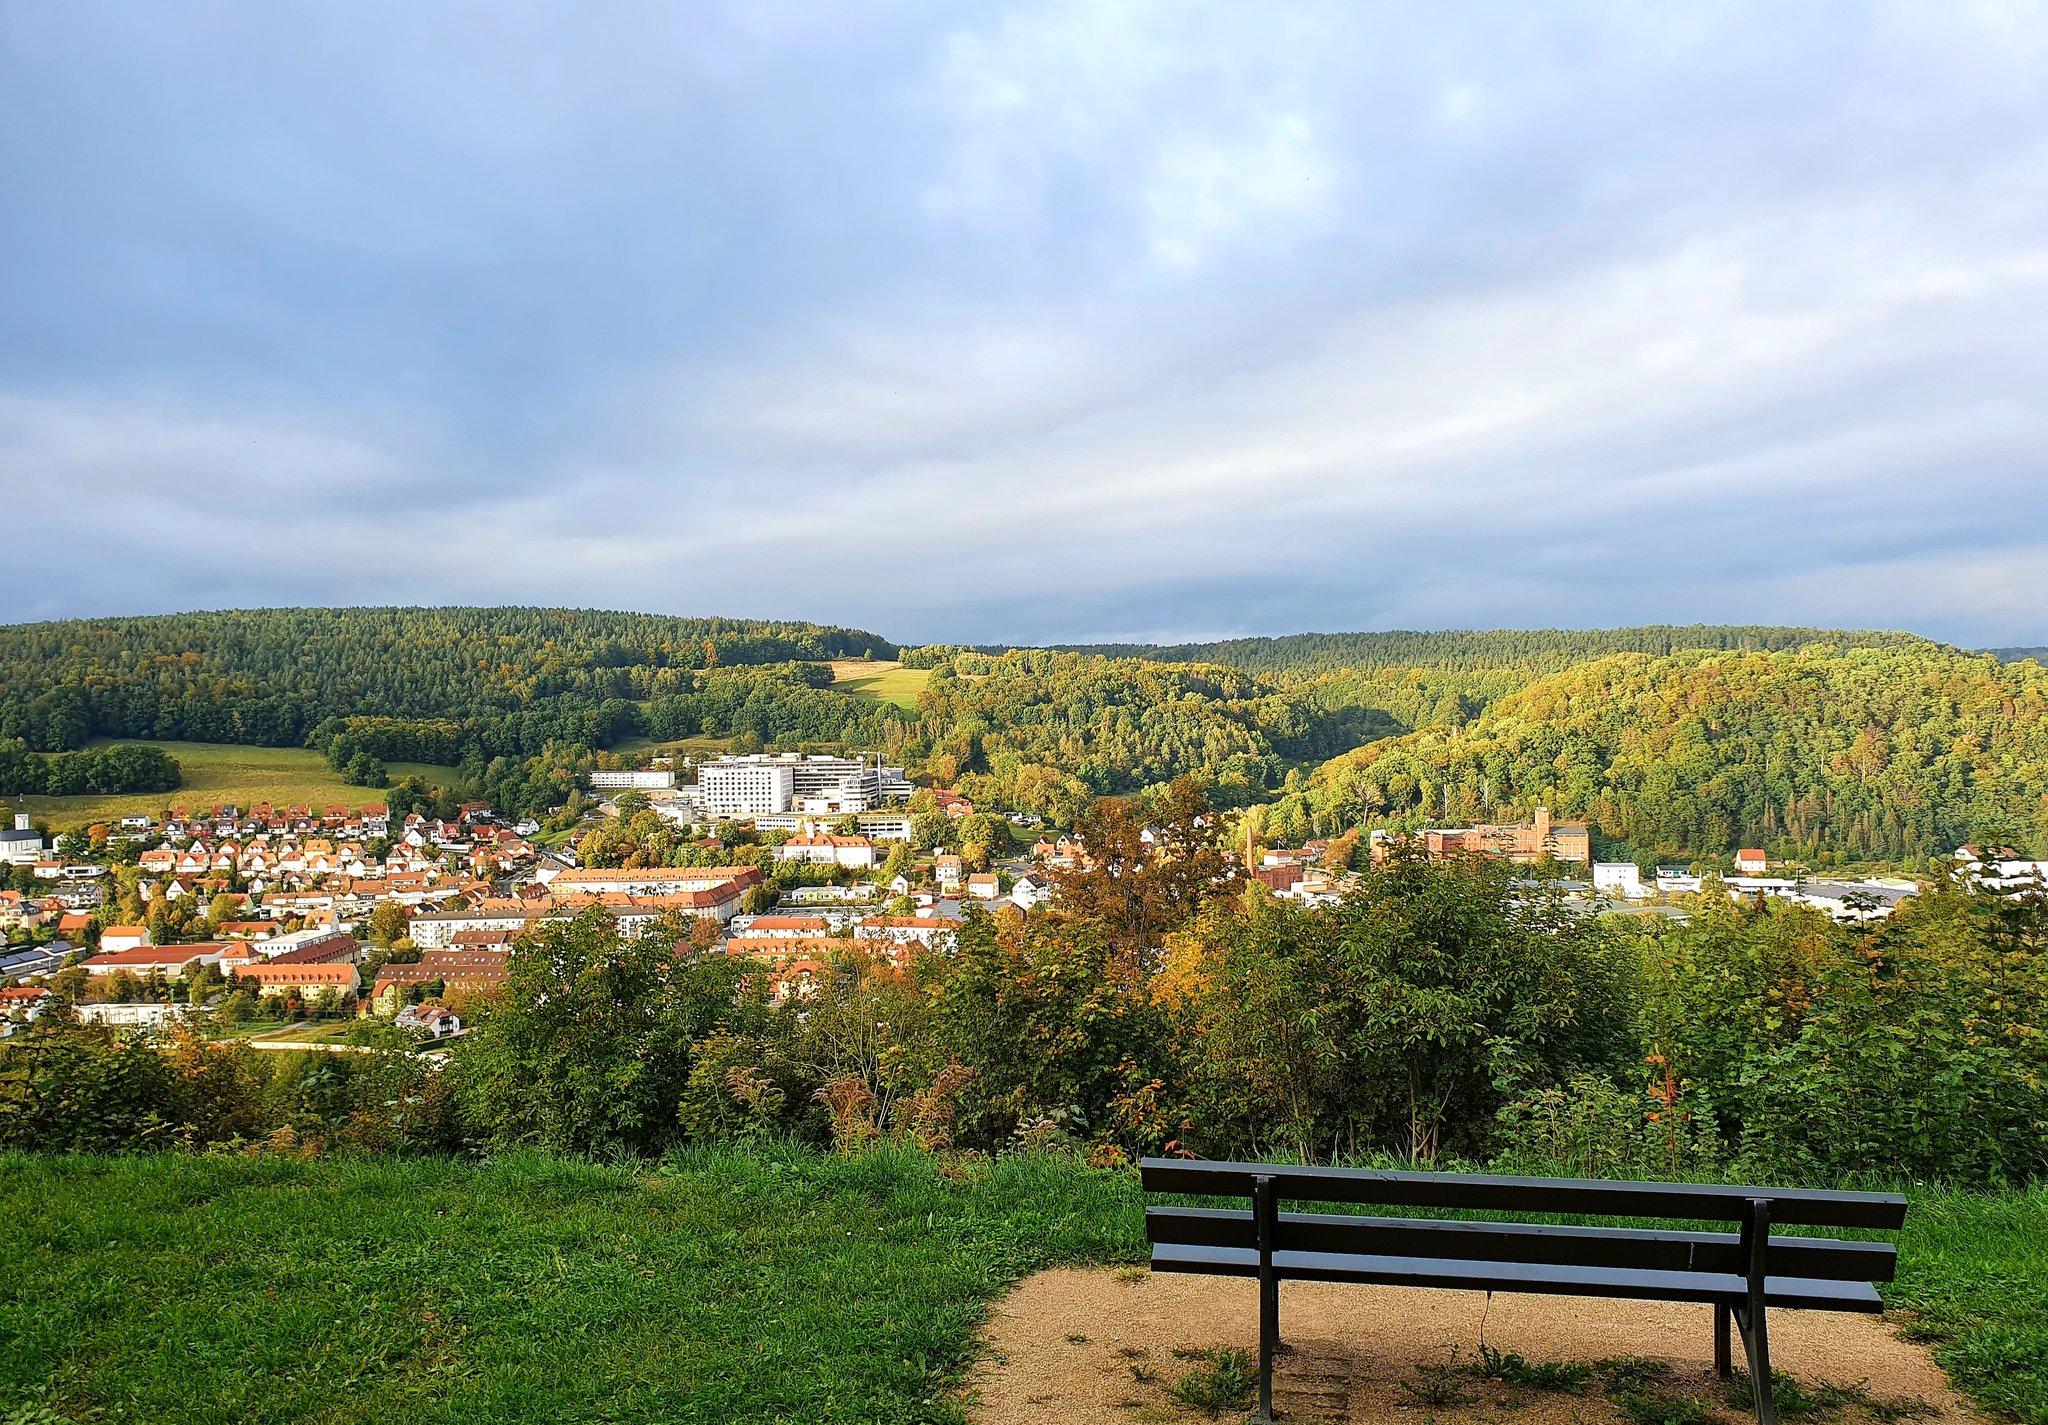 rt-wolfswandelplan-zicht-op-stadt-kulmbach-wandelbankjes-https-t-co-zfsyxymcdg